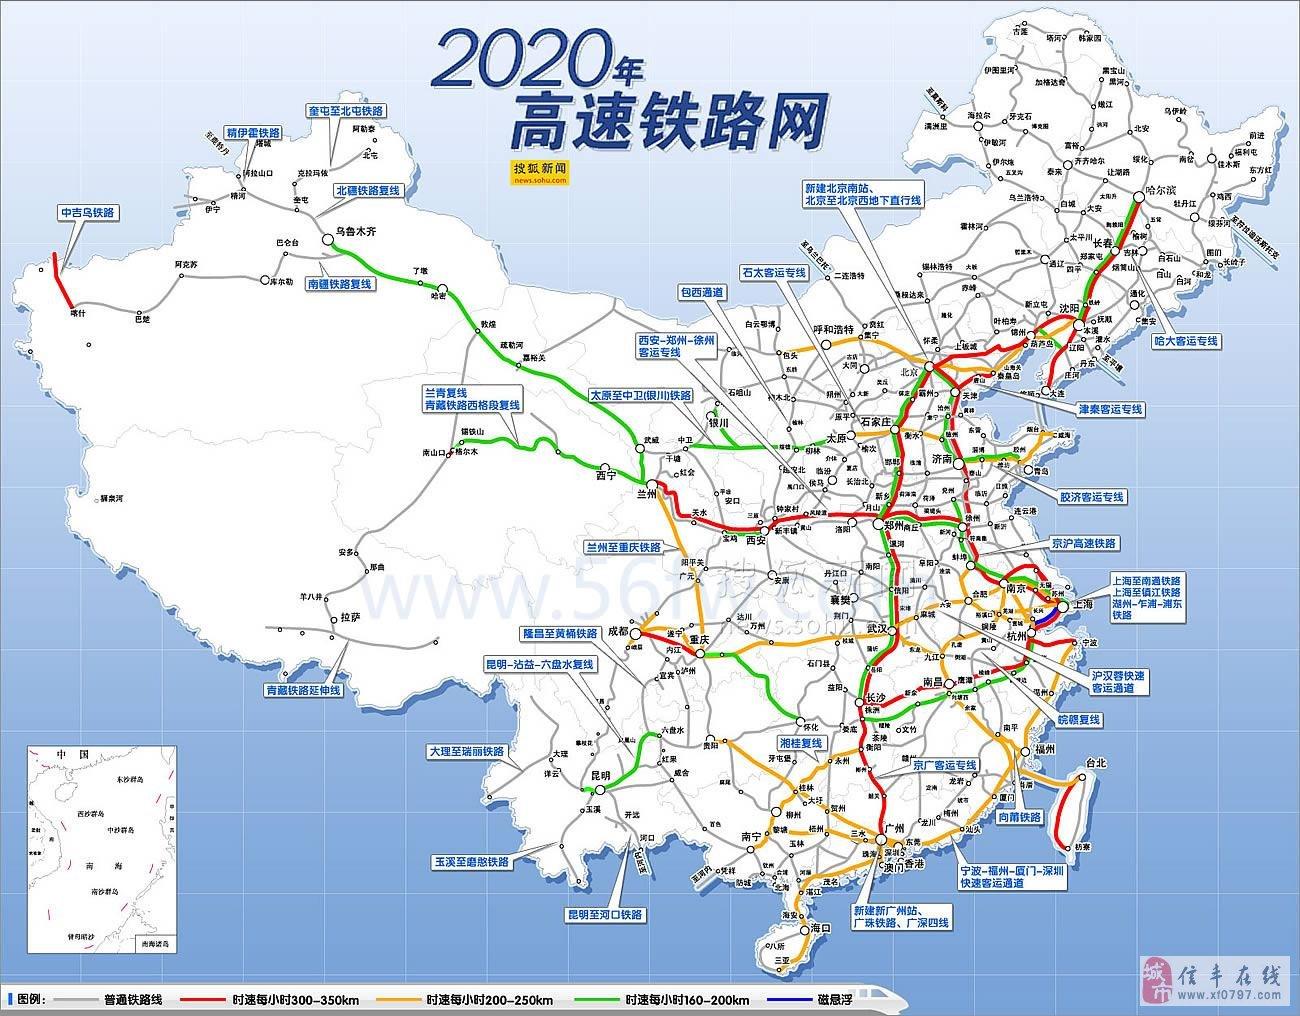 山东潍坊高铁规划图_2030年图-北京至沈阳高铁路线图,徐宿淮盐